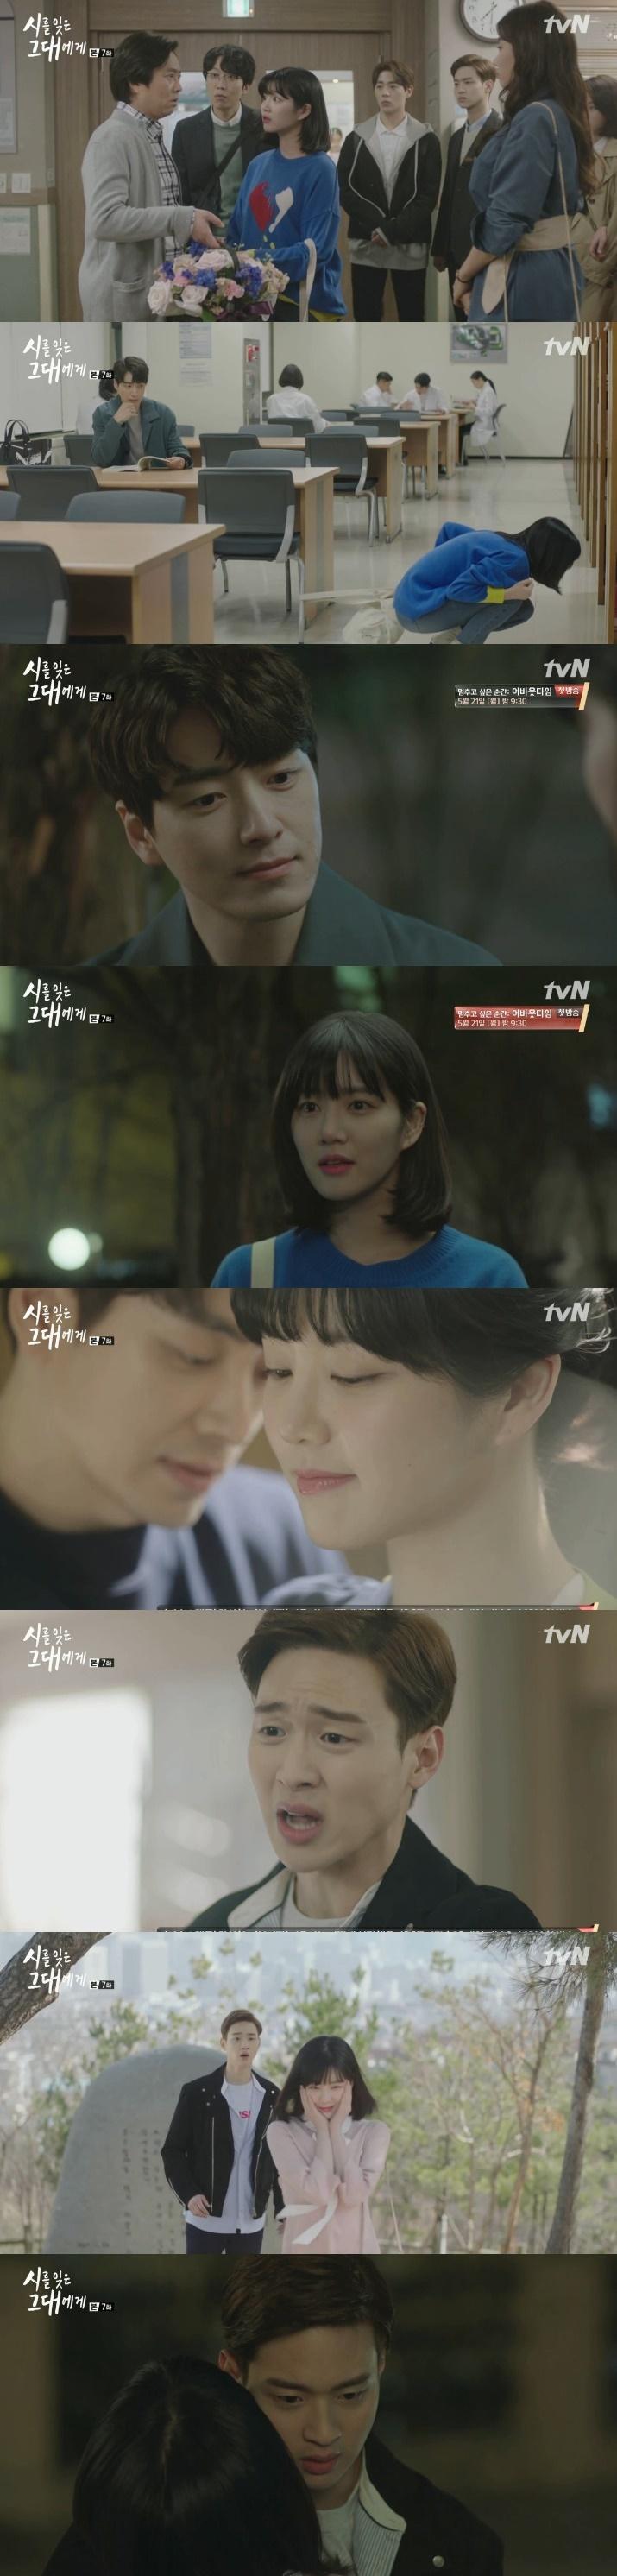 '시를잊은그대에게' 장동윤, 예재욱에 질투…이유비 흑역사 폭로(종합)